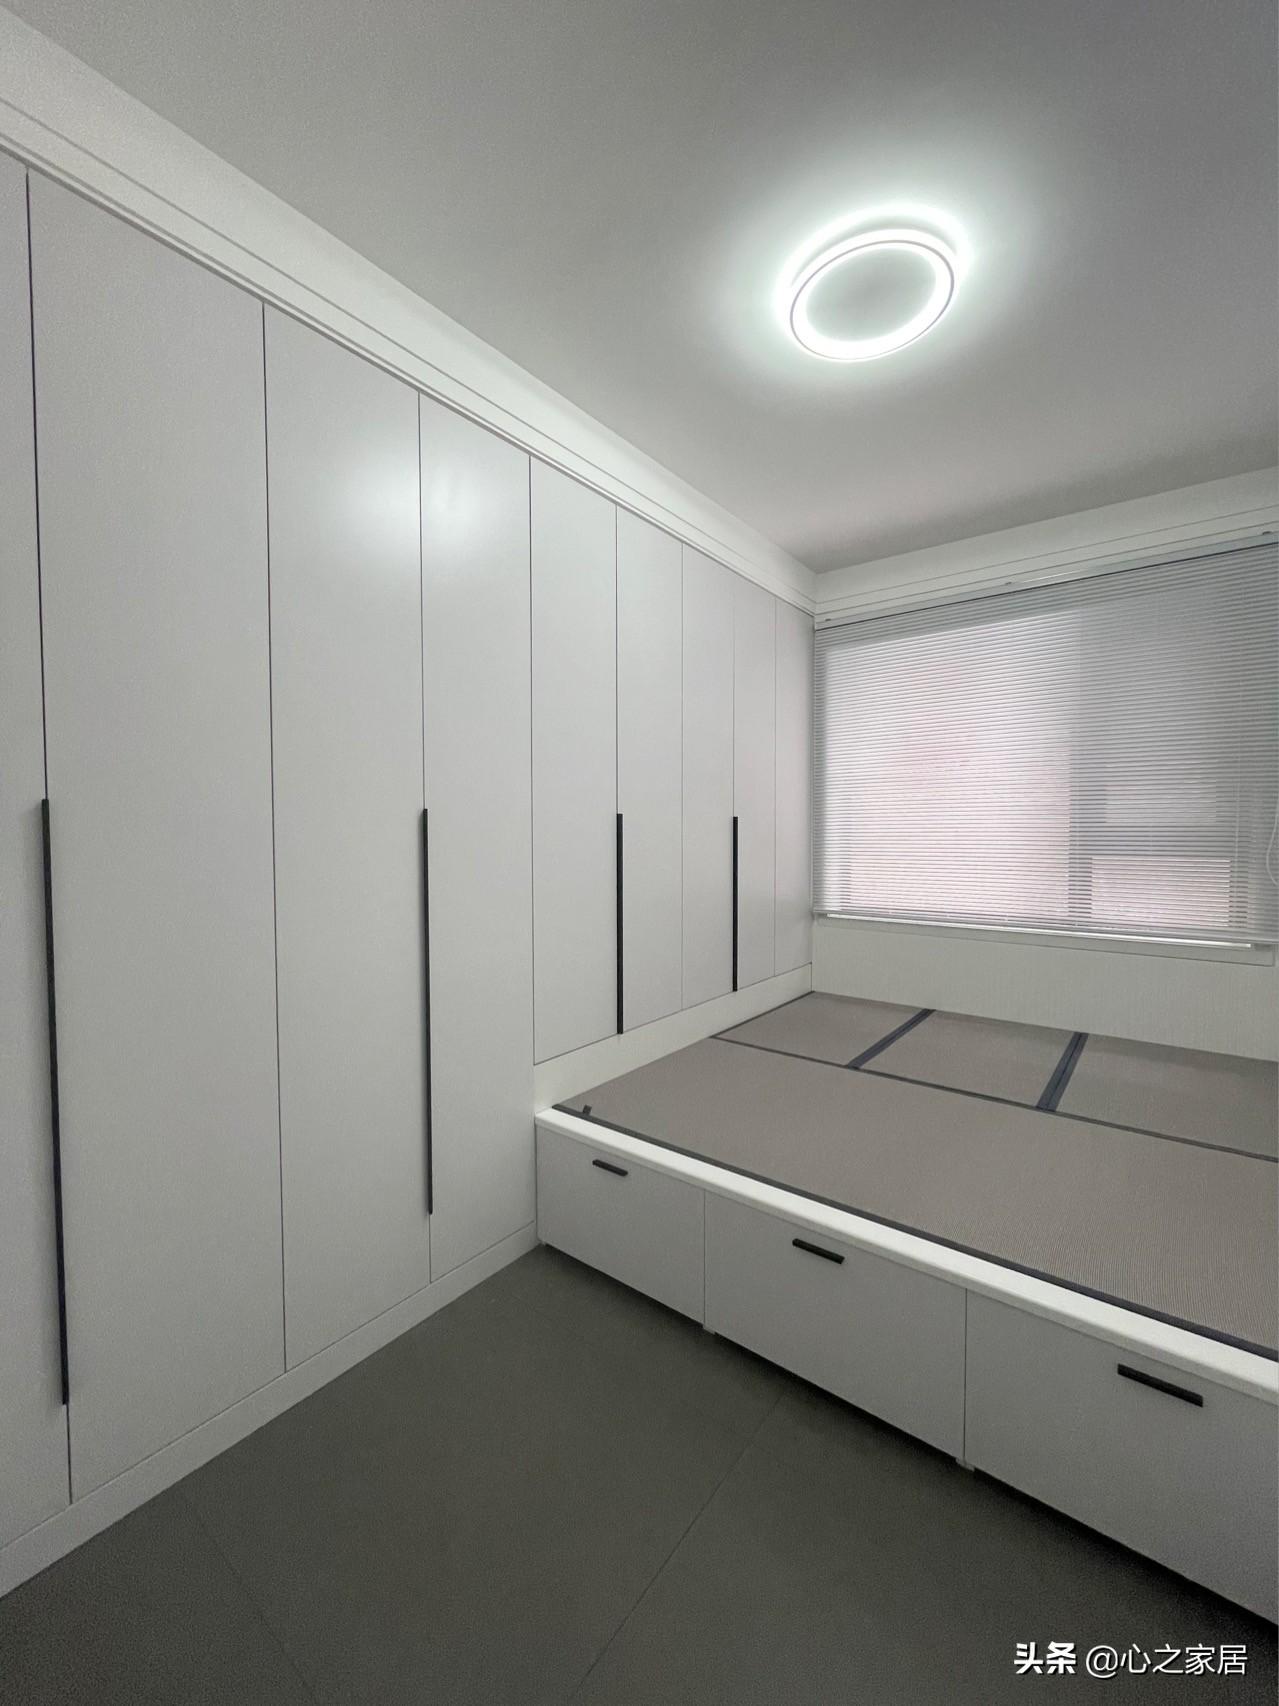 63㎡极简的家装设计,干净利落宽敞明亮,打造艺术气息的居家生活